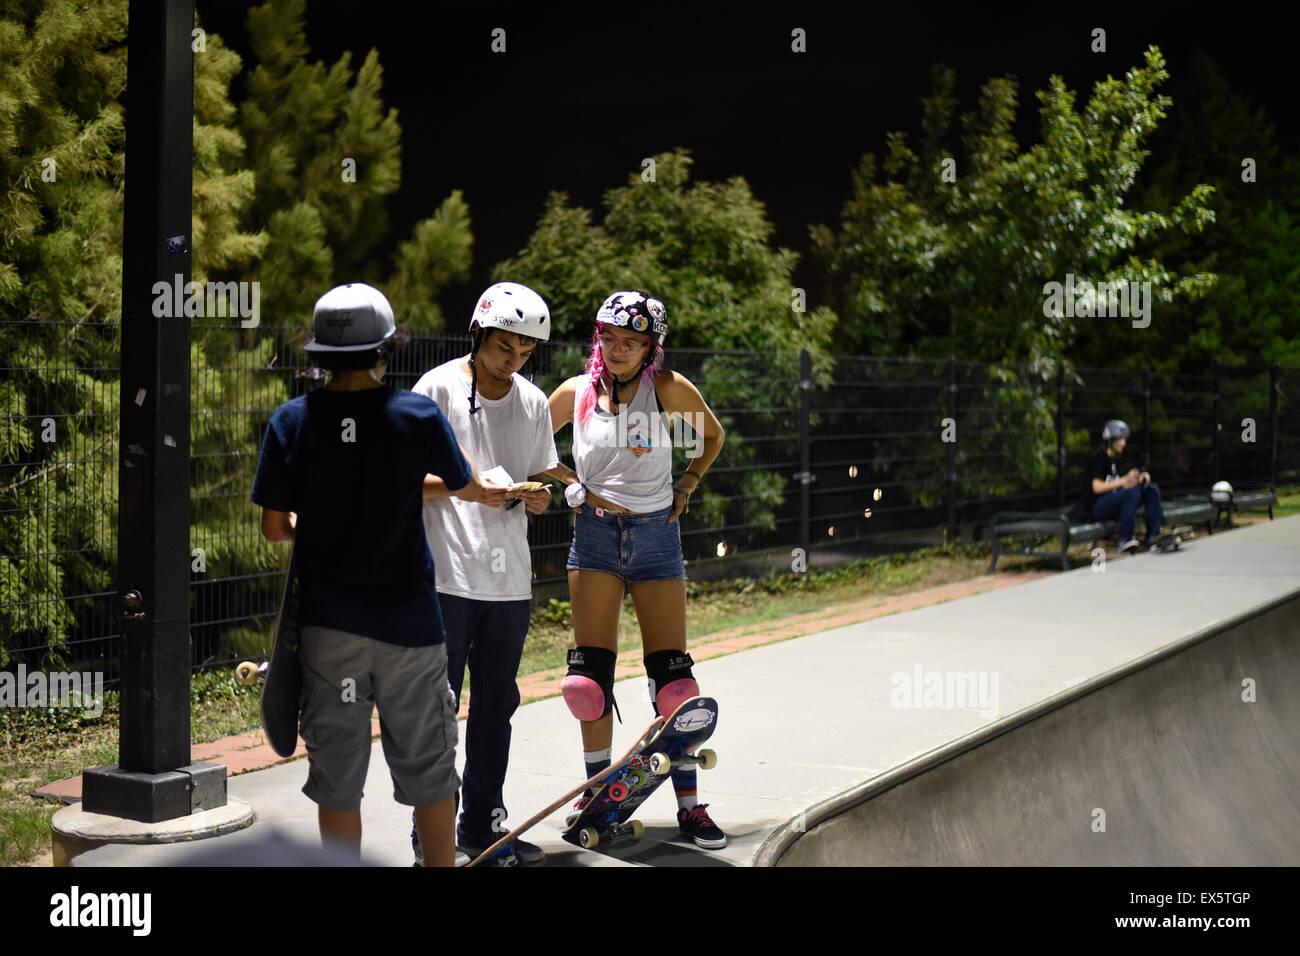 Roller skating houston - Skaters In Skate Park In Houston Texas